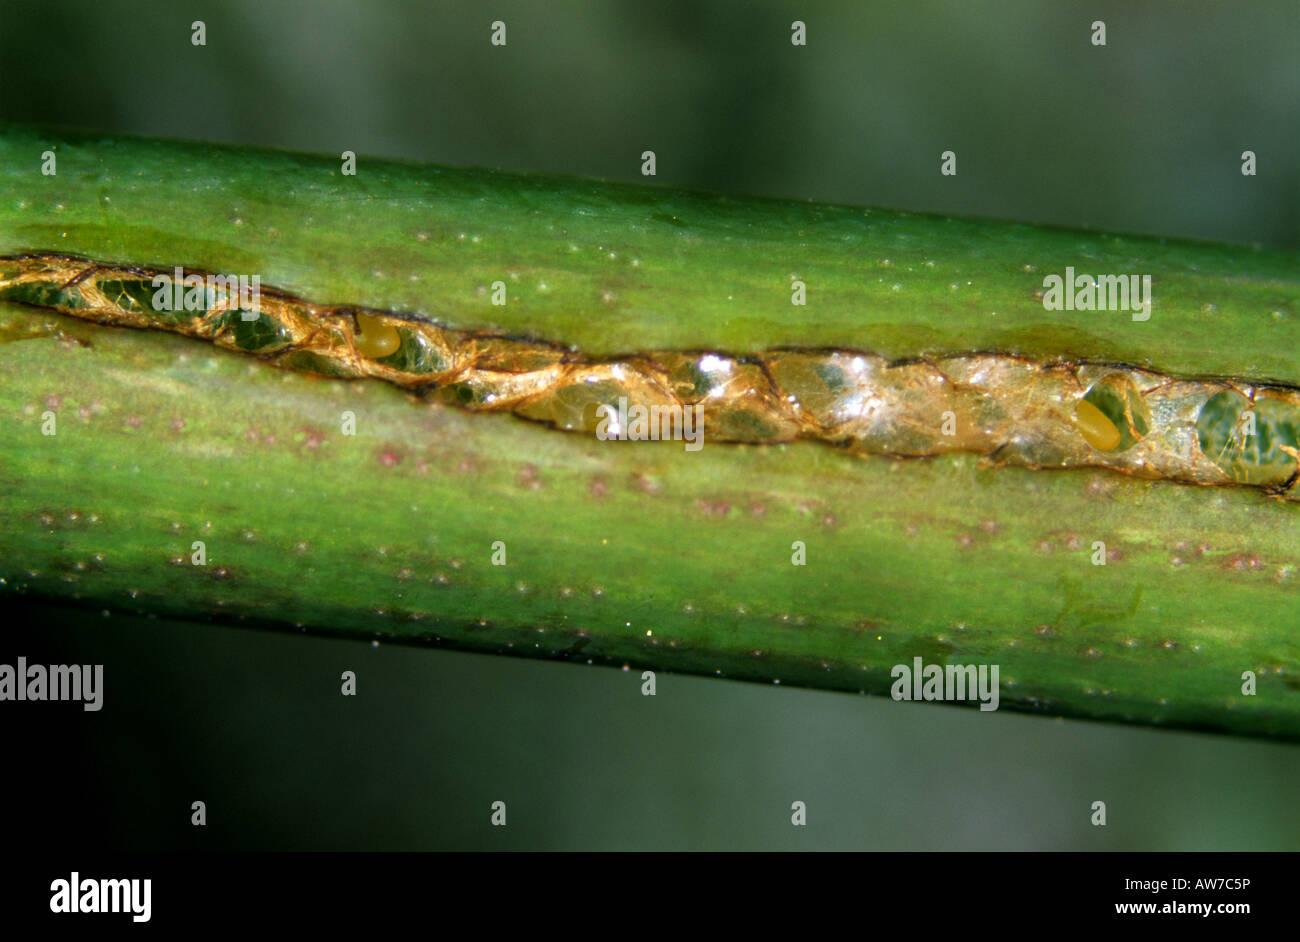 Taglio di apertura in un peduncolo di rose in cui la variabile rose sawfly Arge pagana uova sono state deposte Immagini Stock